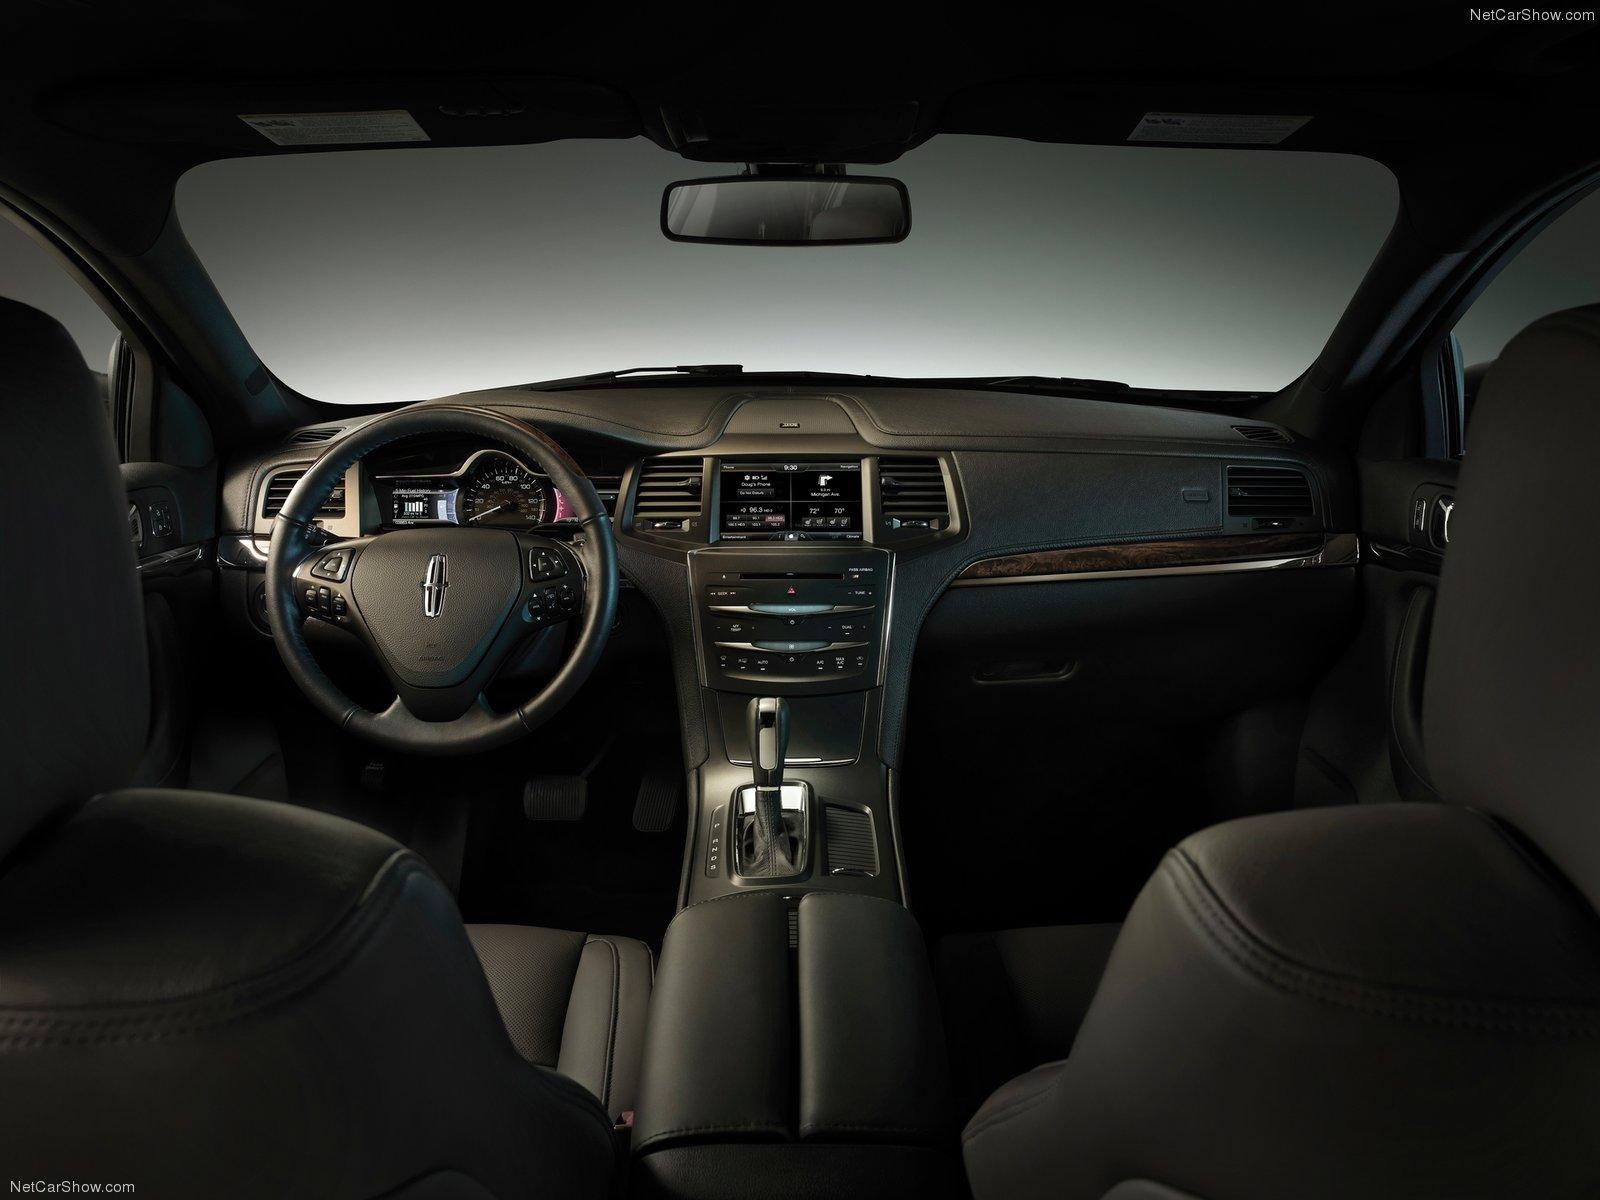 Hình ảnh xe ô tô Lincoln MKS 2013 & nội ngoại thất